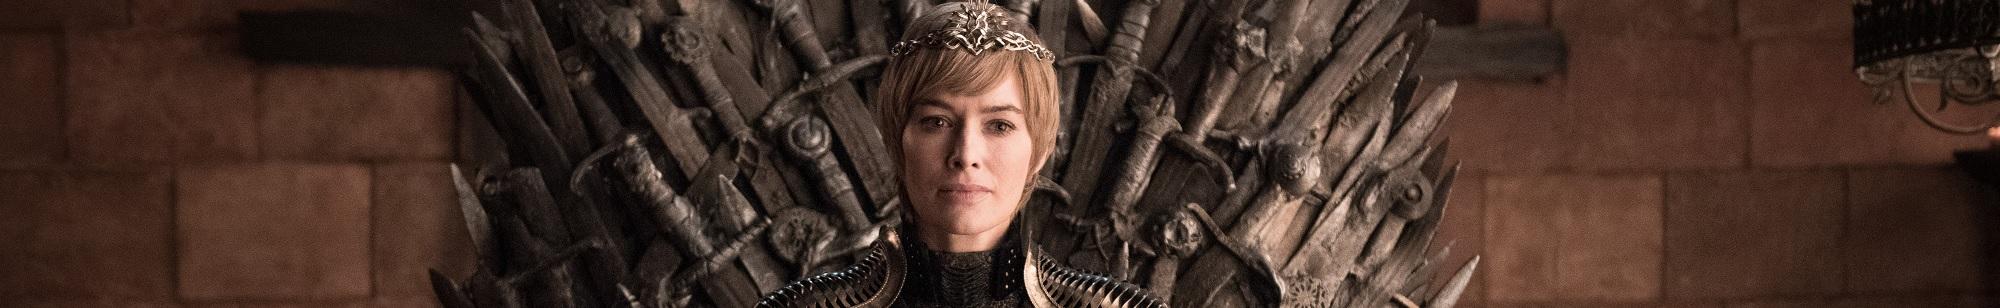 Winterfell Cersei